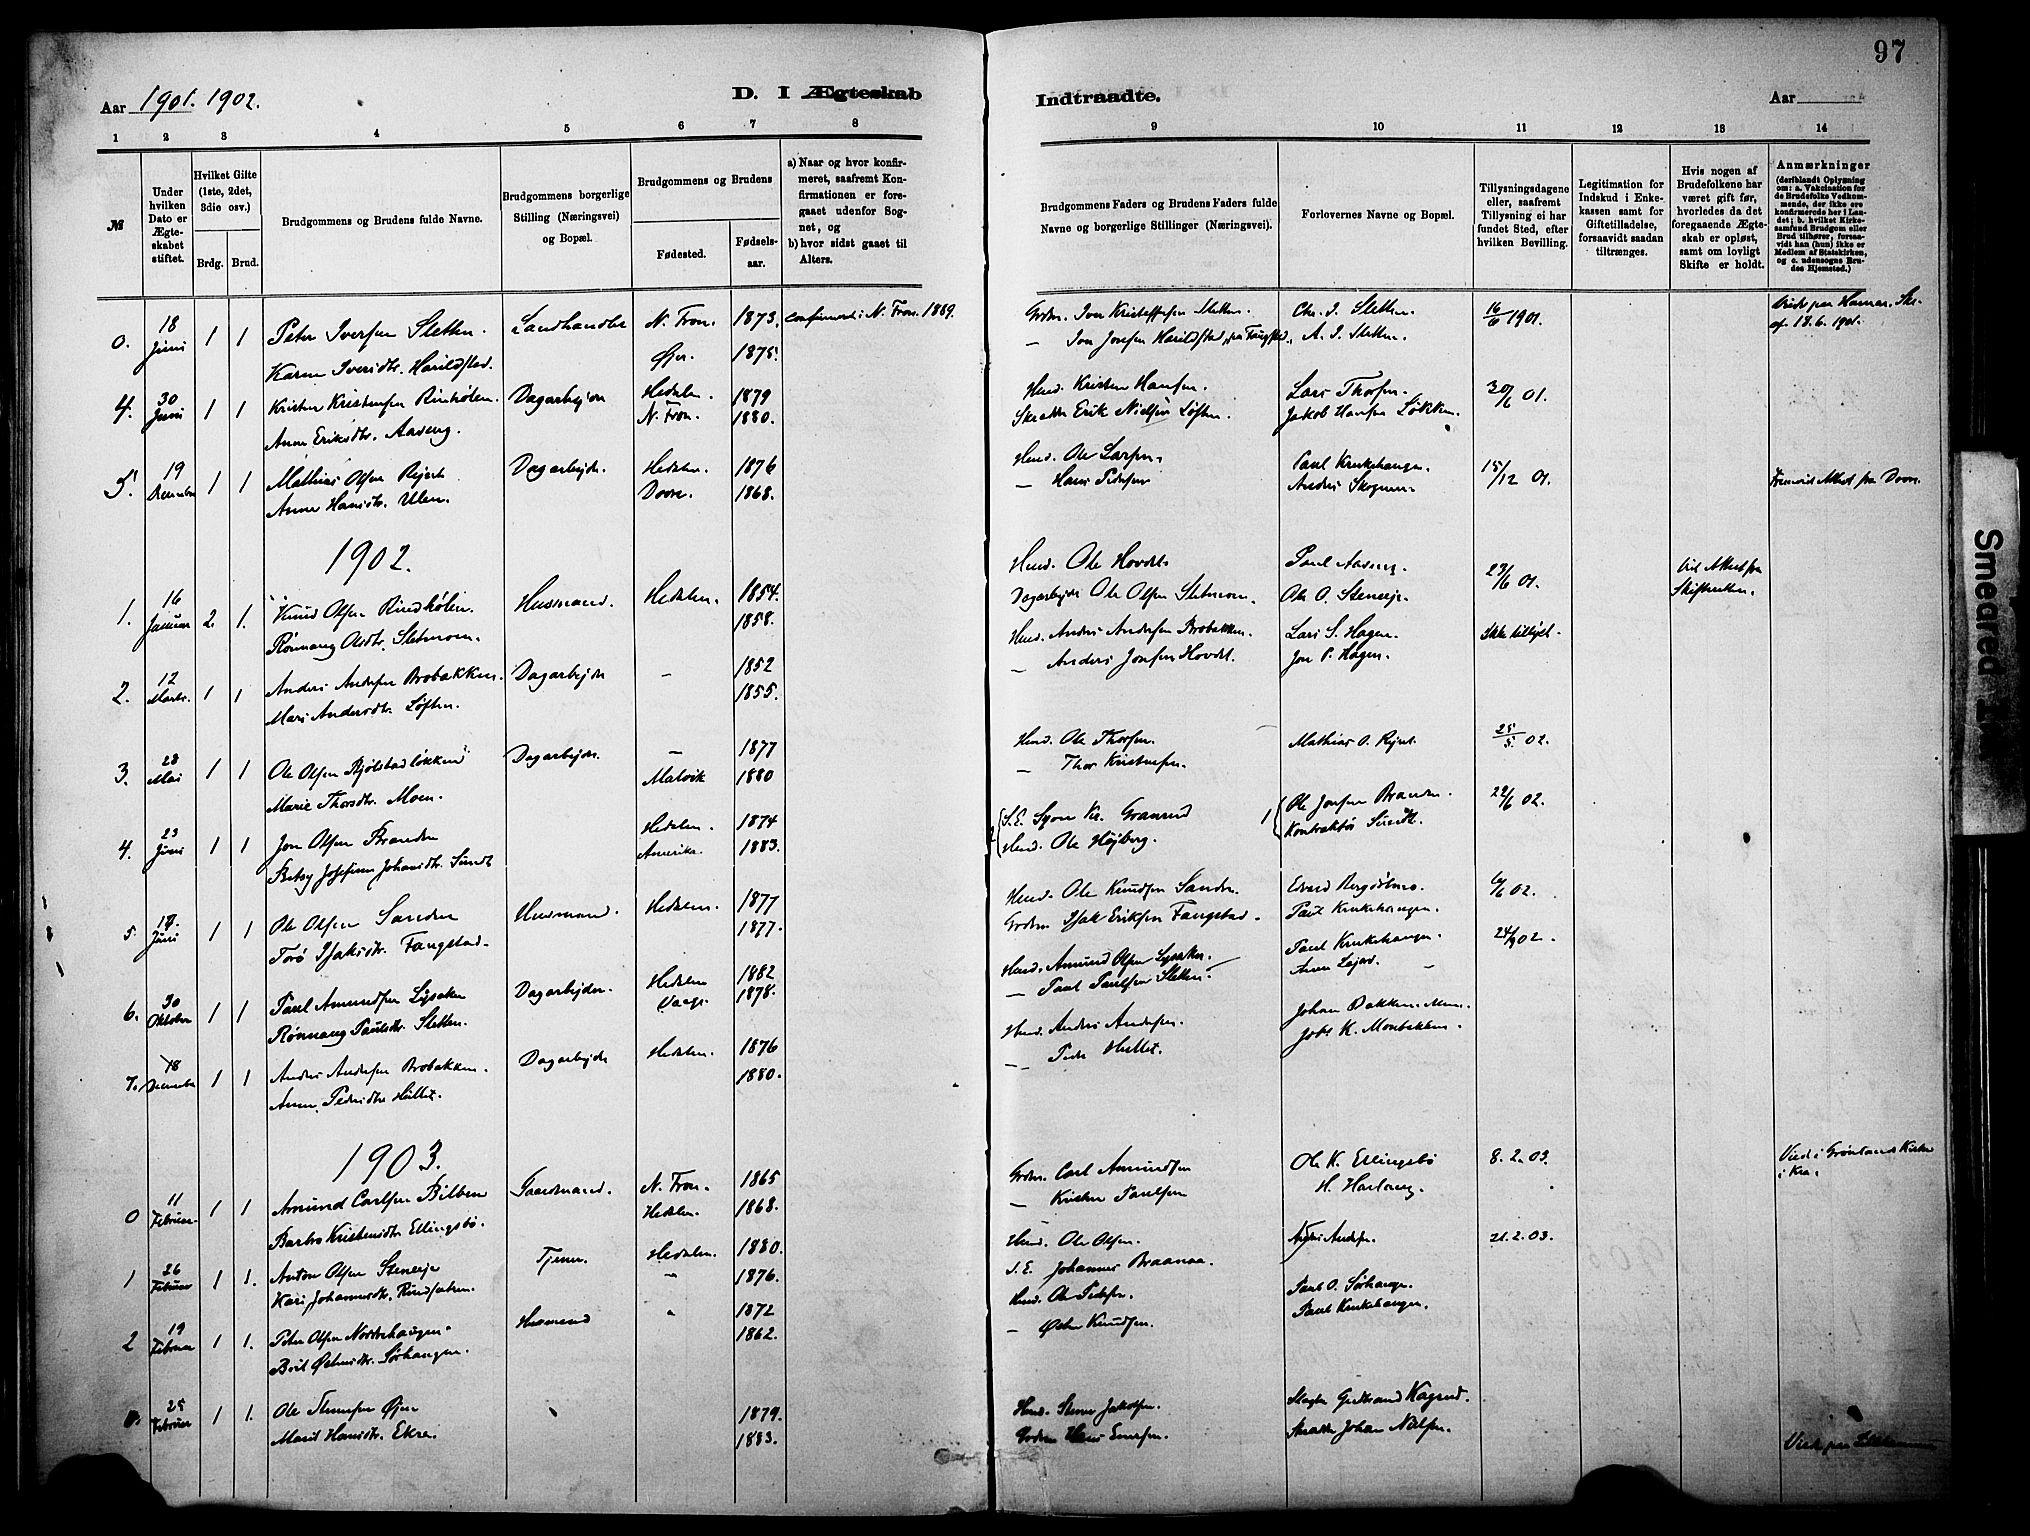 SAH, Vågå prestekontor, Parish register (official) no. 10, 1887-1904, p. 97